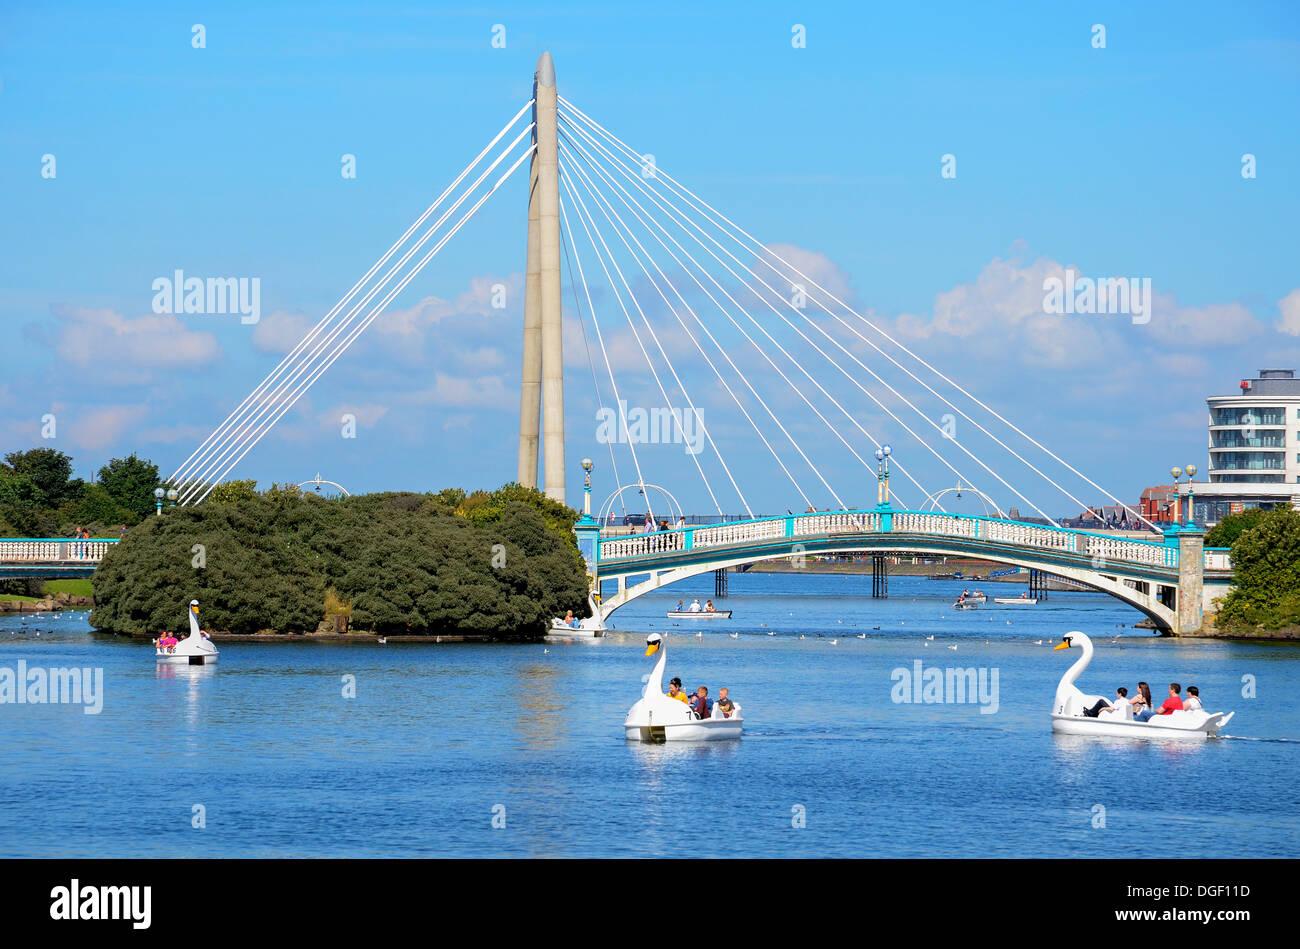 The marine way bridge over marine lake in Southport, Lancashire, UK - Stock Image